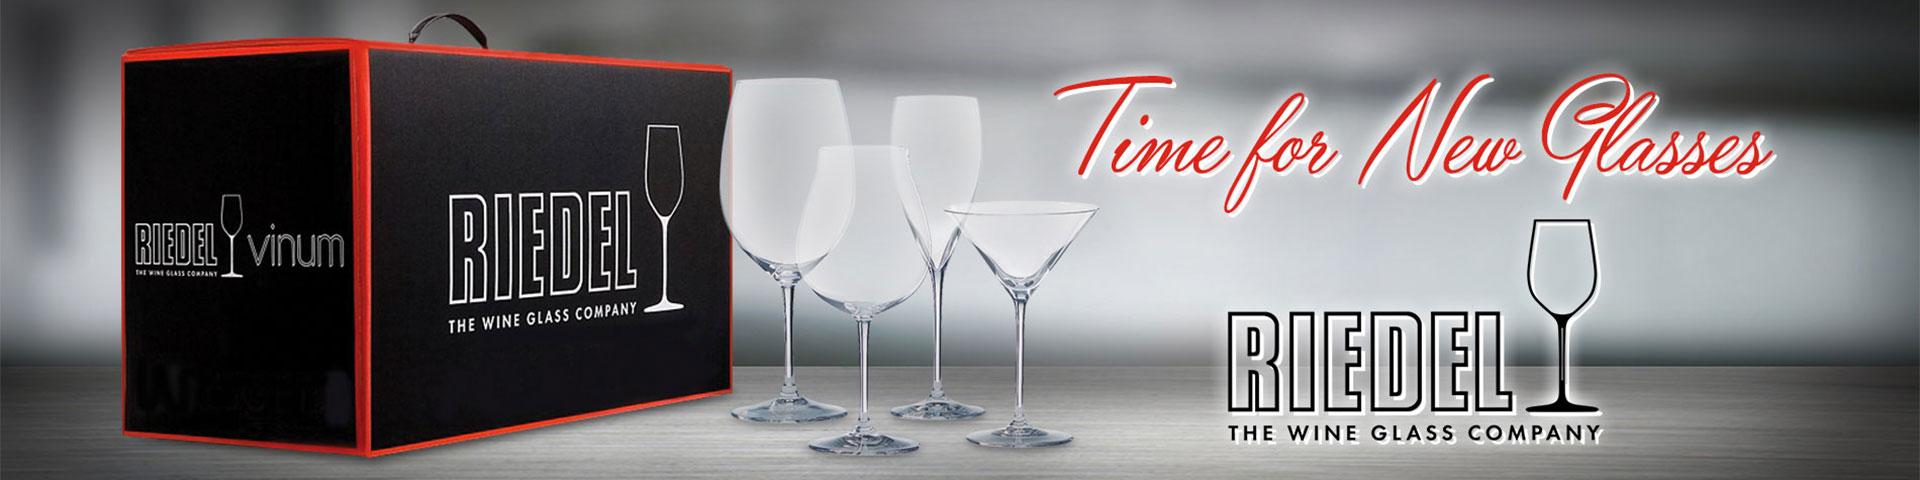 Reidel - Time for New Glasses